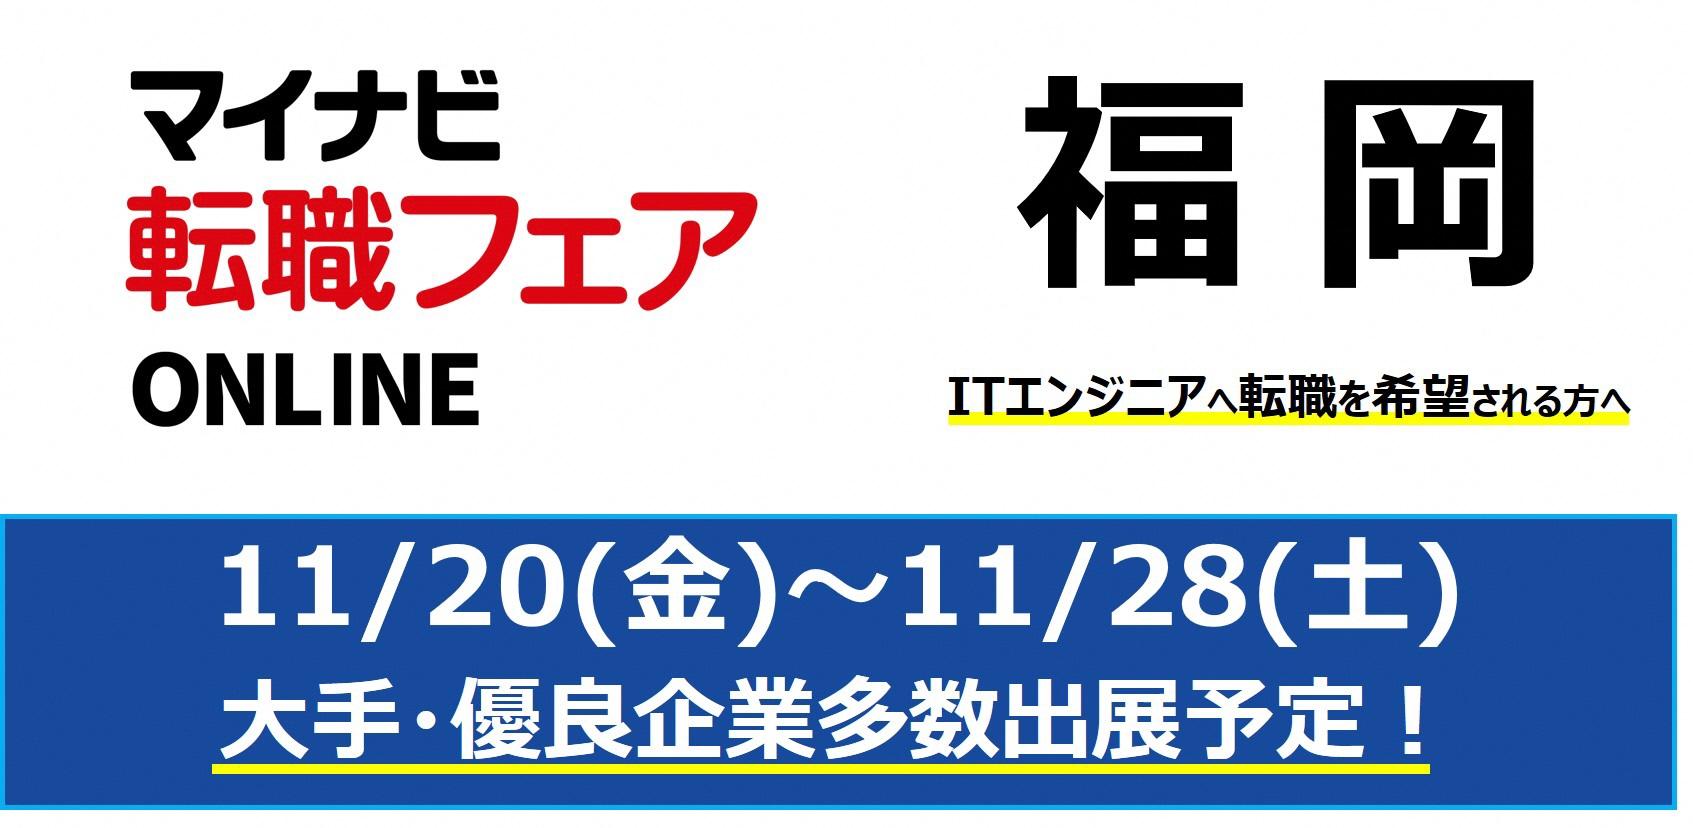 マイナビ転職フェア オンライン【福岡】開催のお知らせ